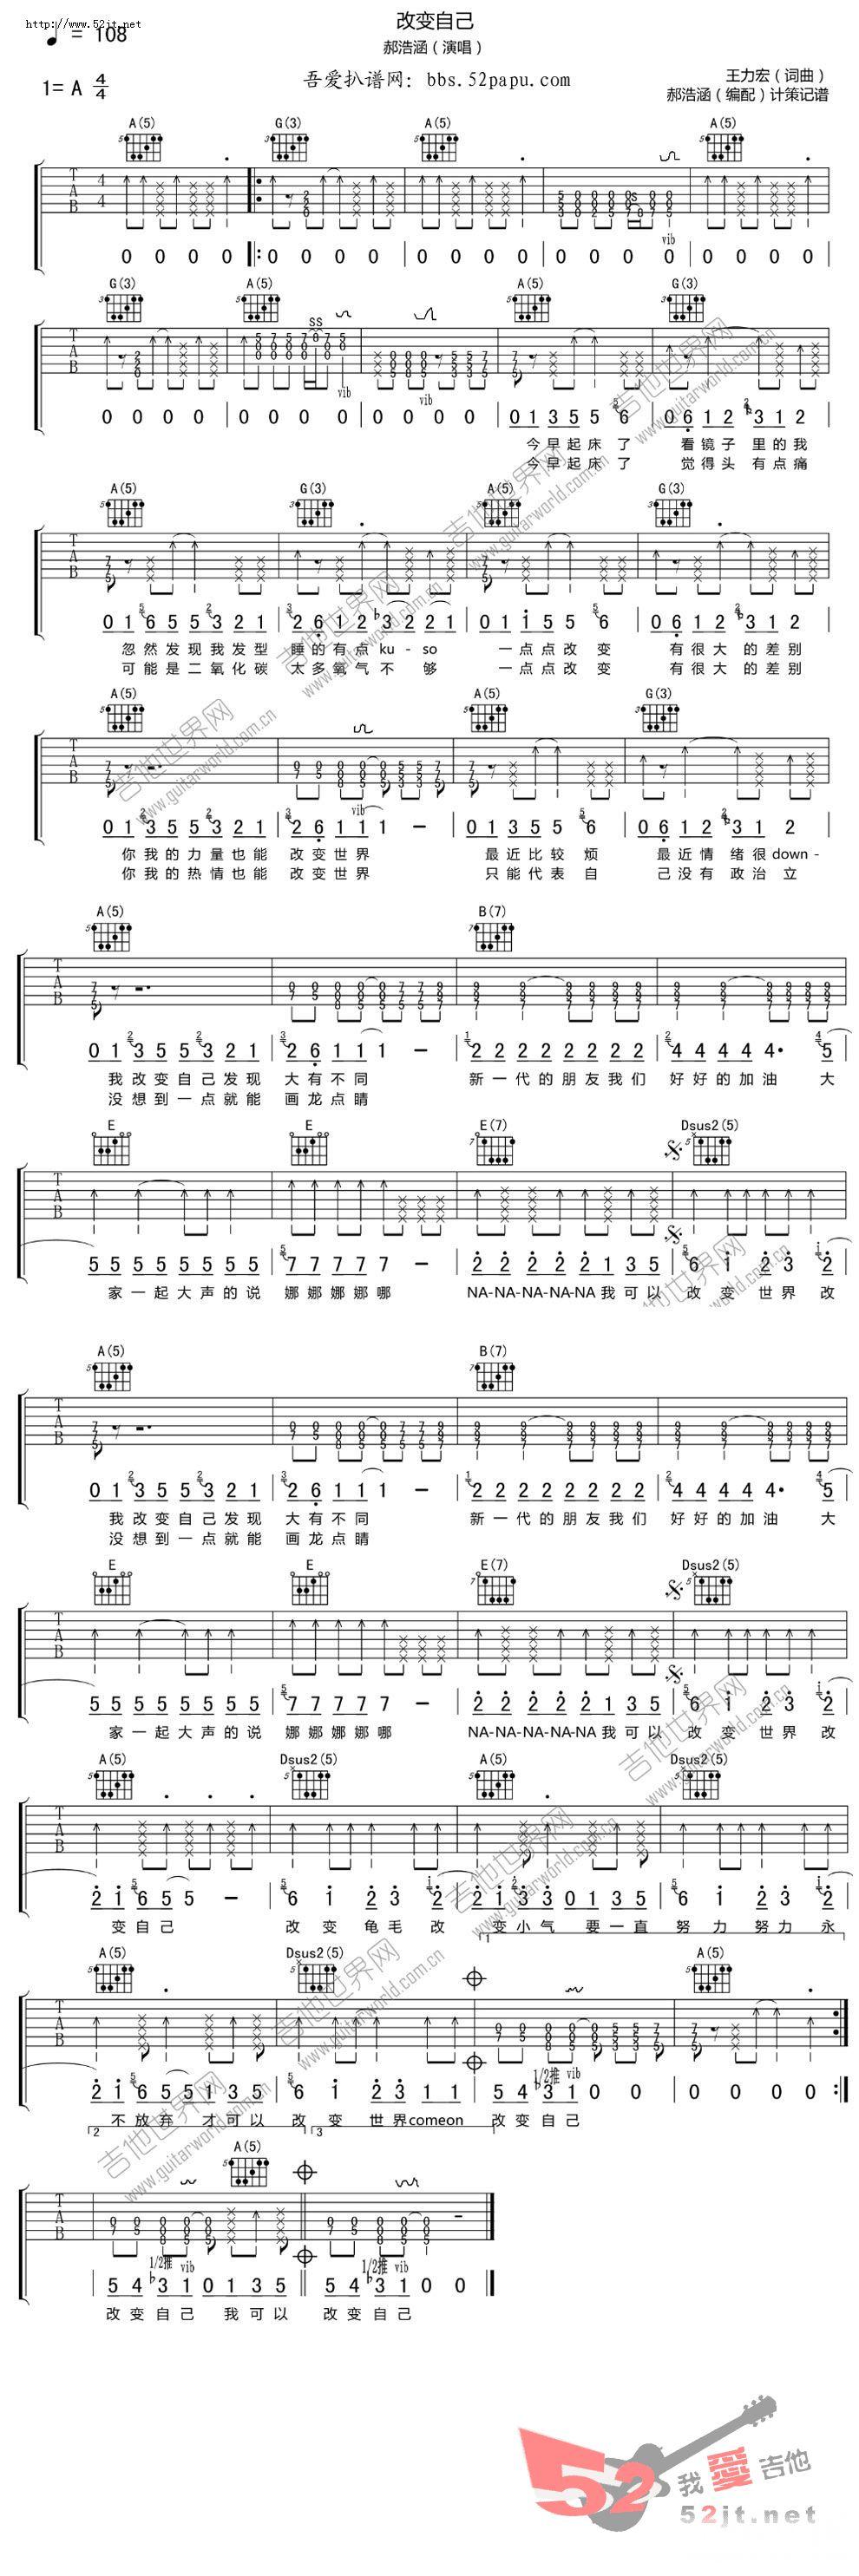 郝浩涵吉他谱_改变自己 郝浩涵版吉他谱视频吉他谱 王力宏-彼岸吉他 - 一站式 ...